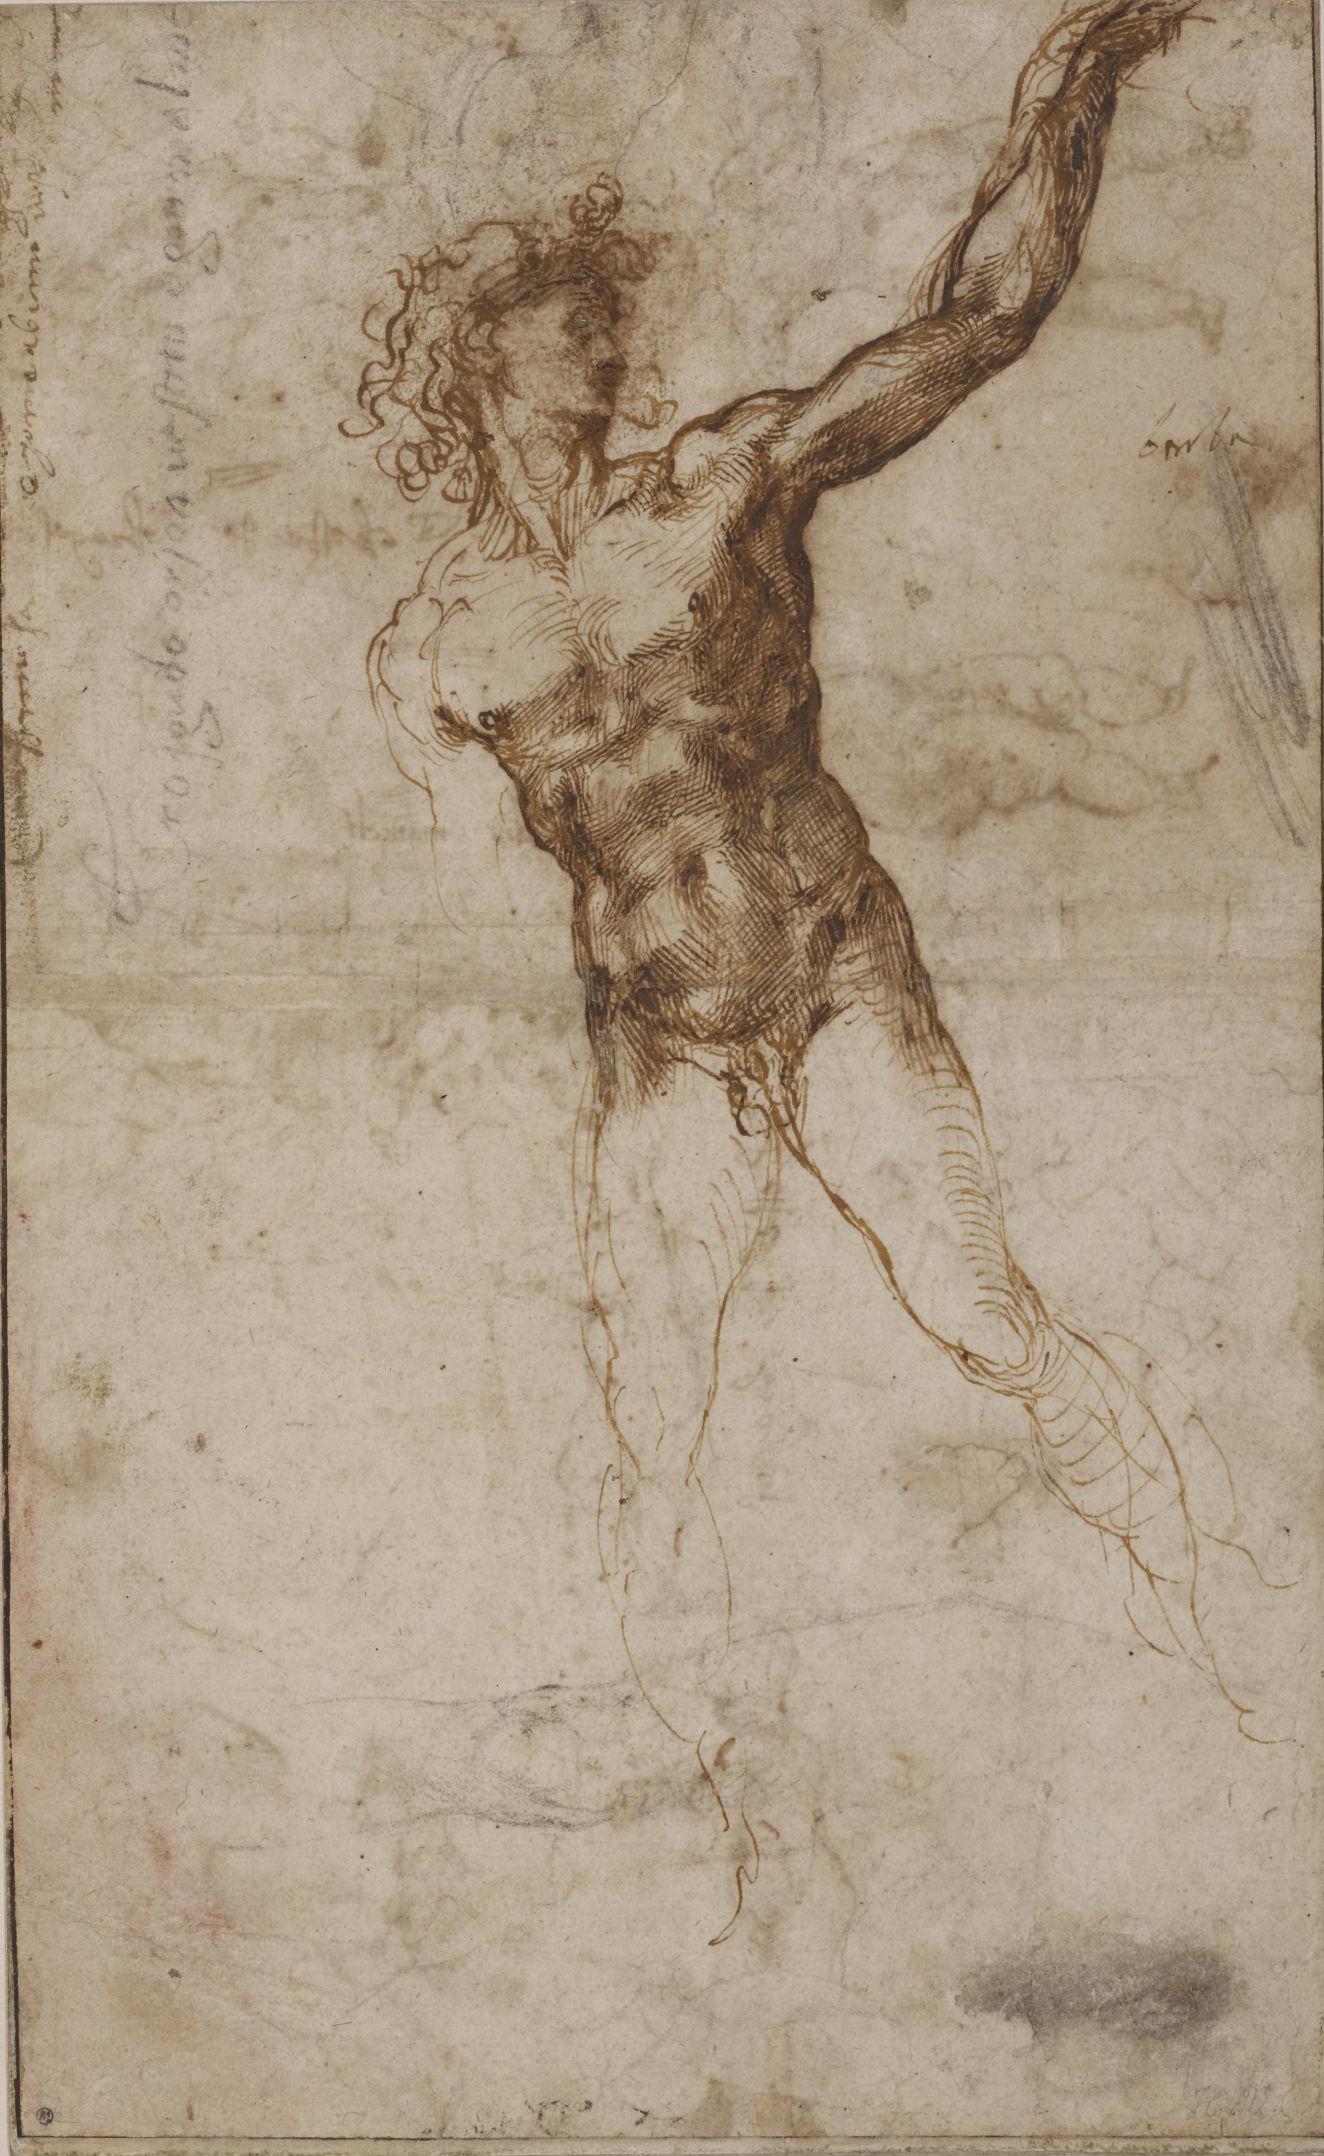 Michelangelo bronzes discovered | University of Cambridge